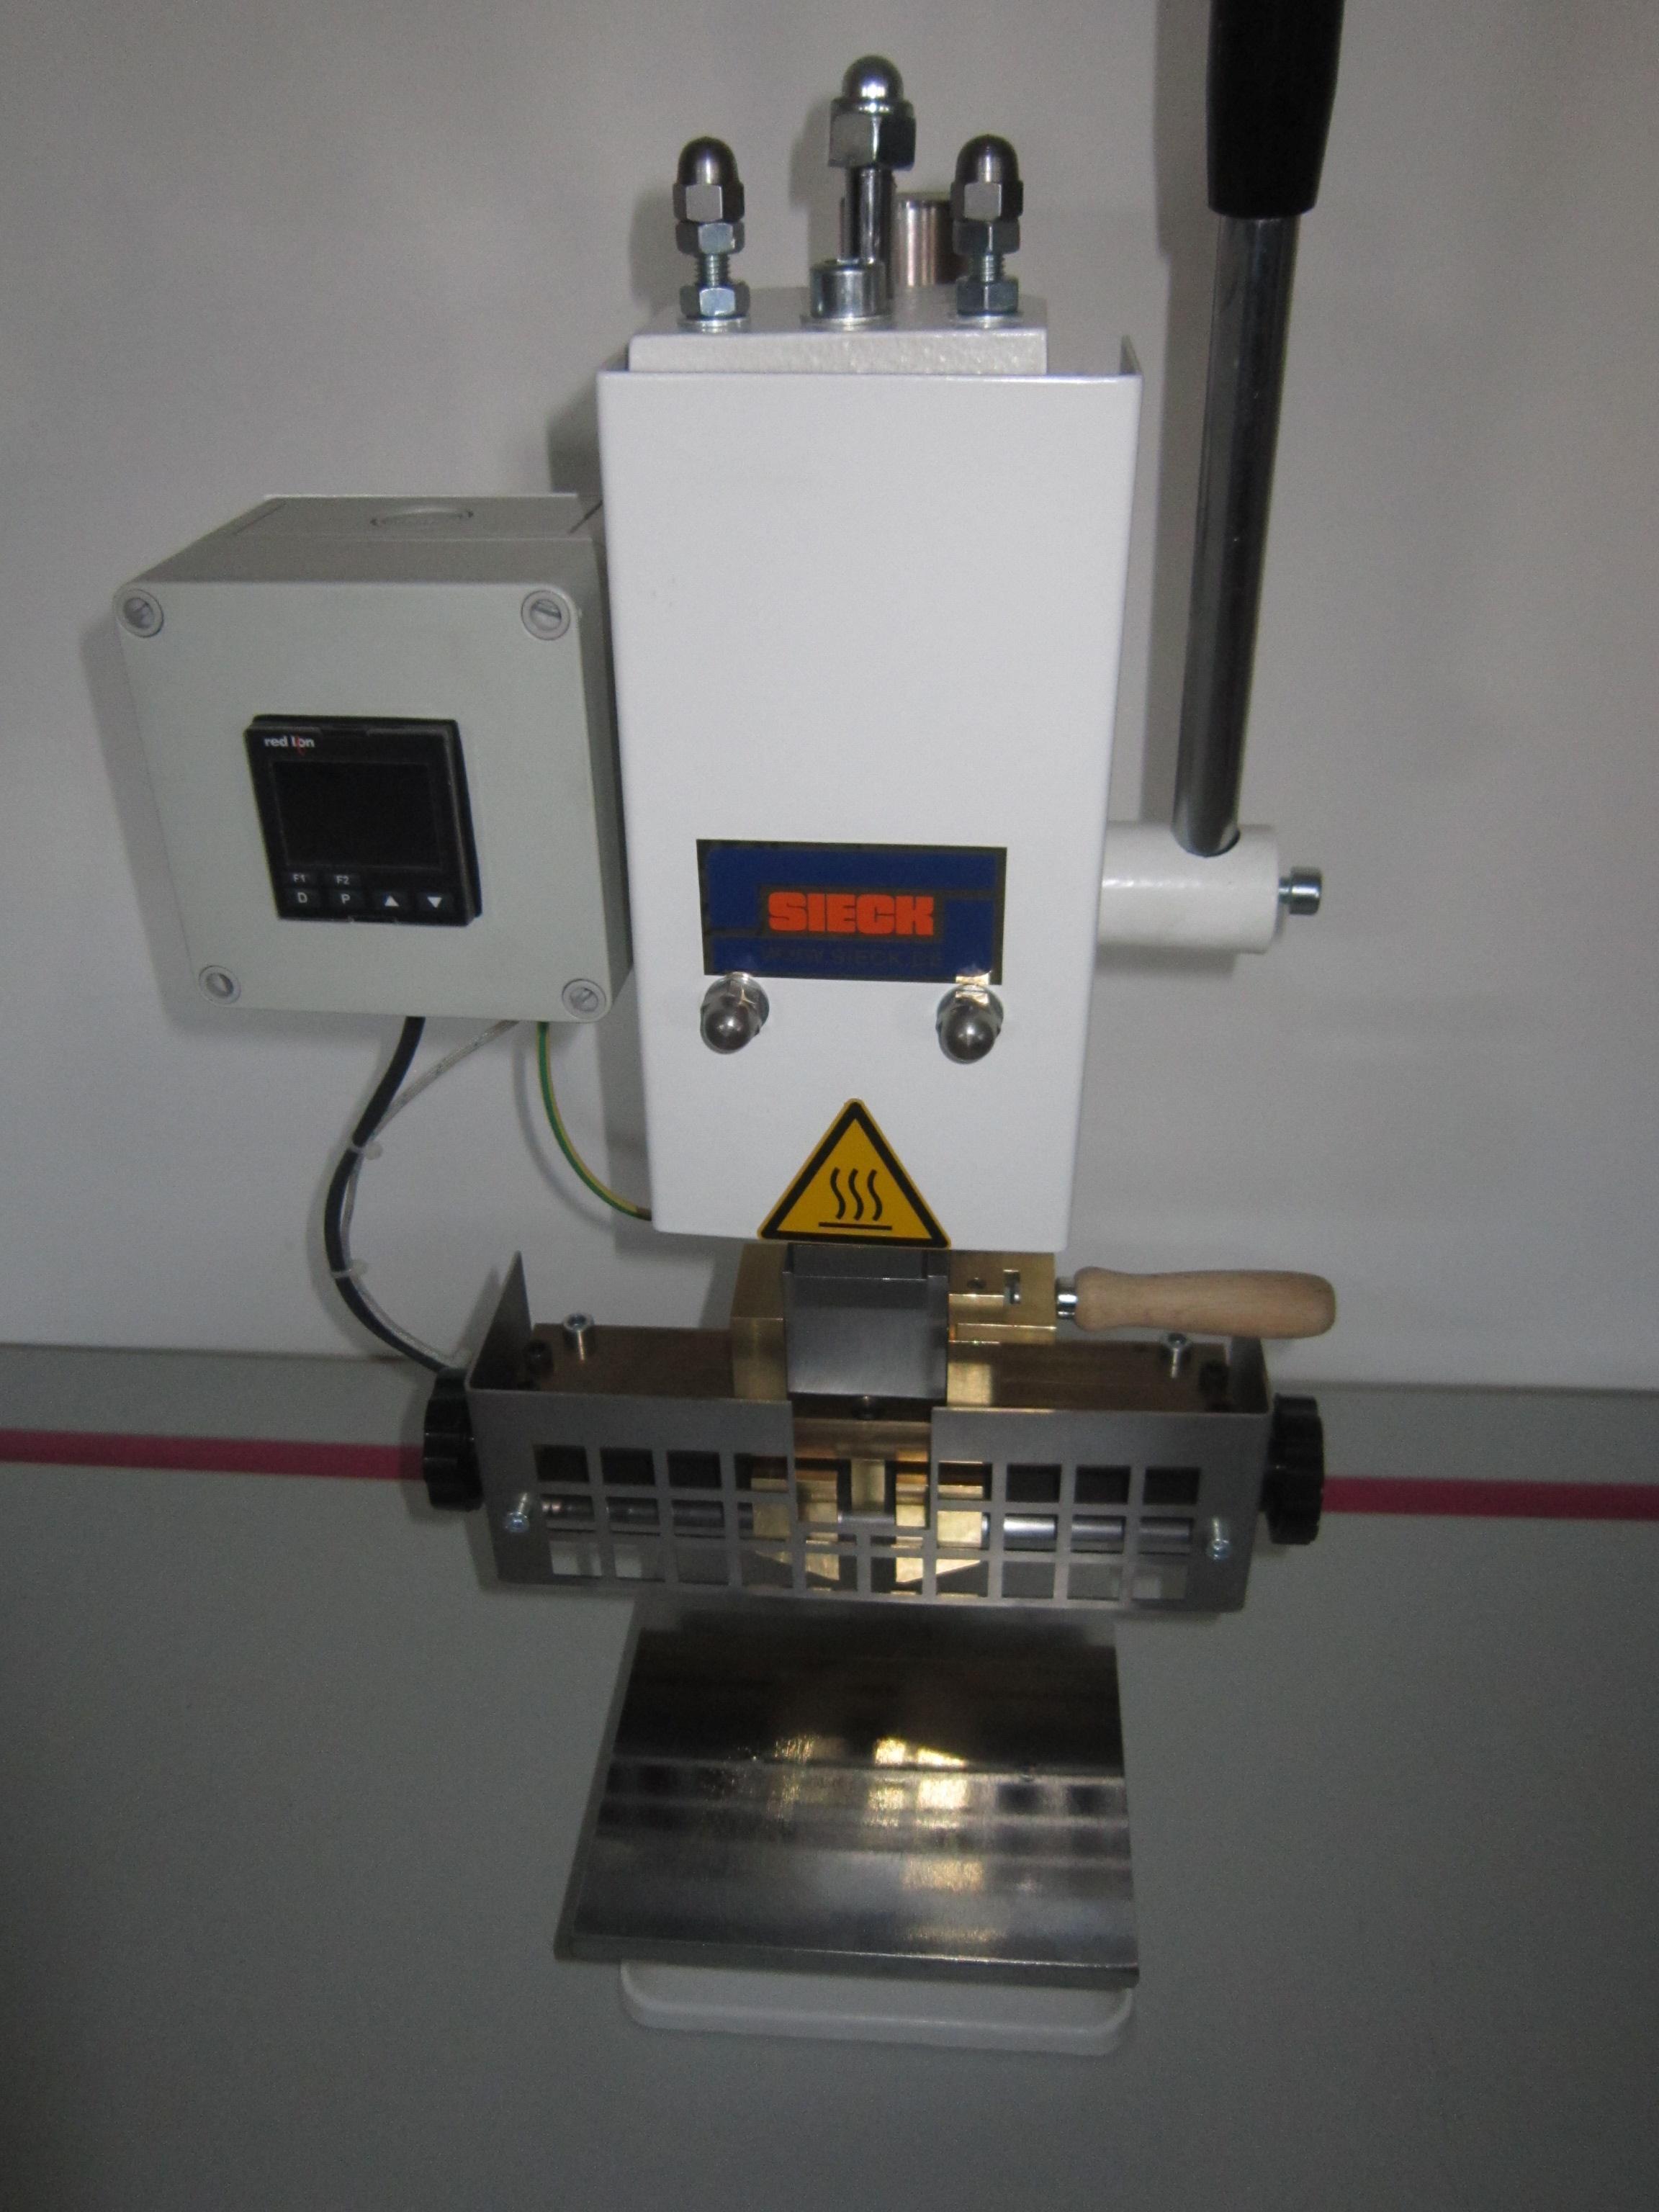 Sieck SIECK Typ UHP KWIK Prägemaschine für Initialien mit